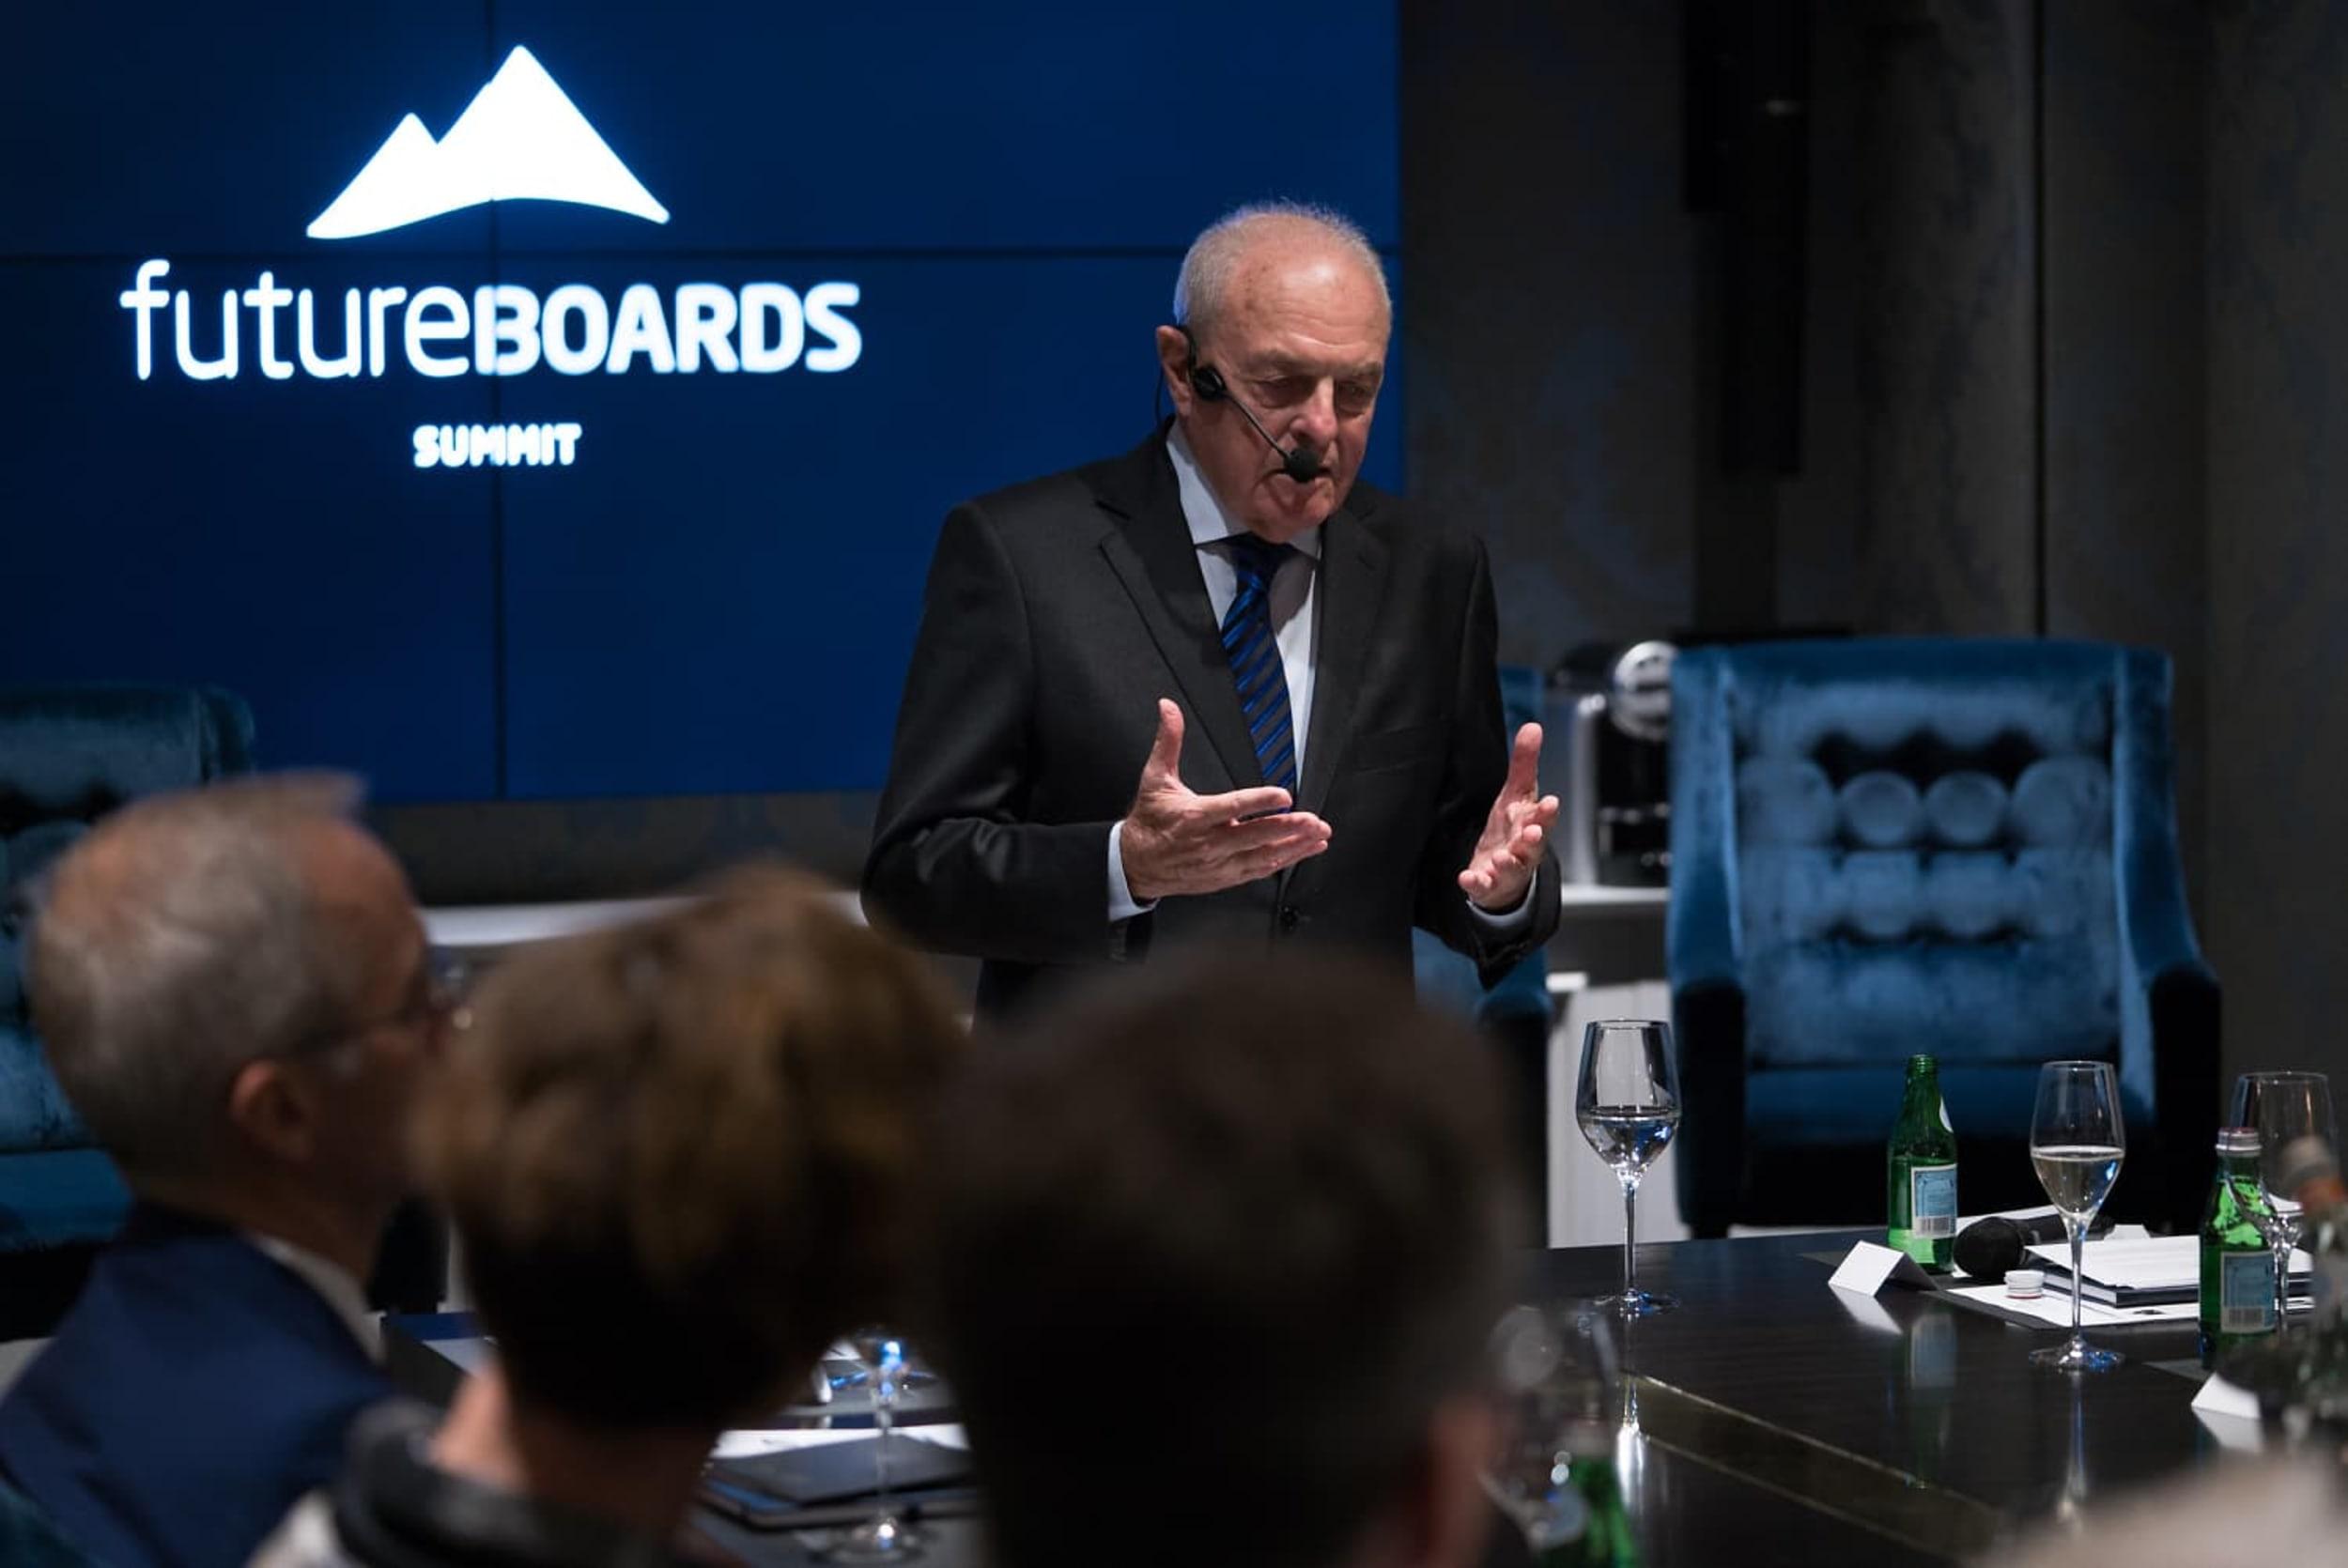 KONGEN: Mervyn King kommer på konferanden Leading for the Future. Han står bak The King Report, som gir selskaper anbefalinger for hvordan de skal styre og lede bærekraftig.